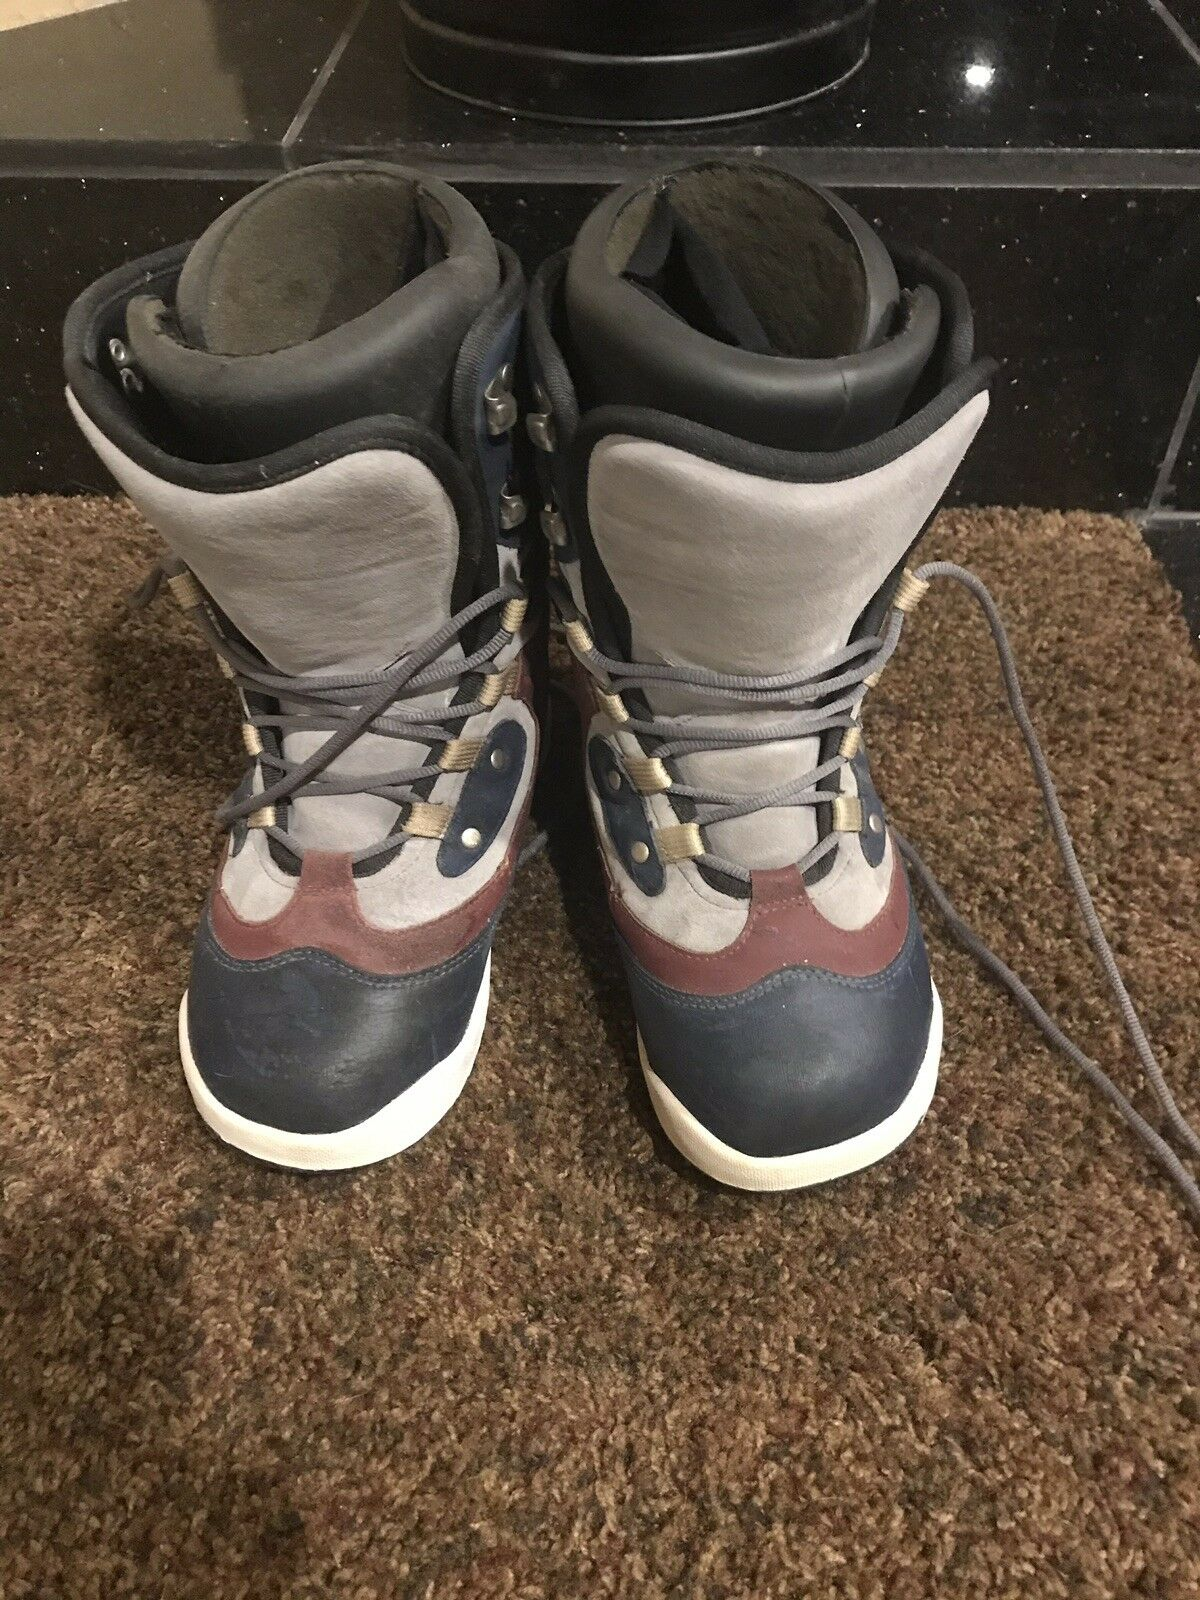 Burton Snowboard Boots Size 6